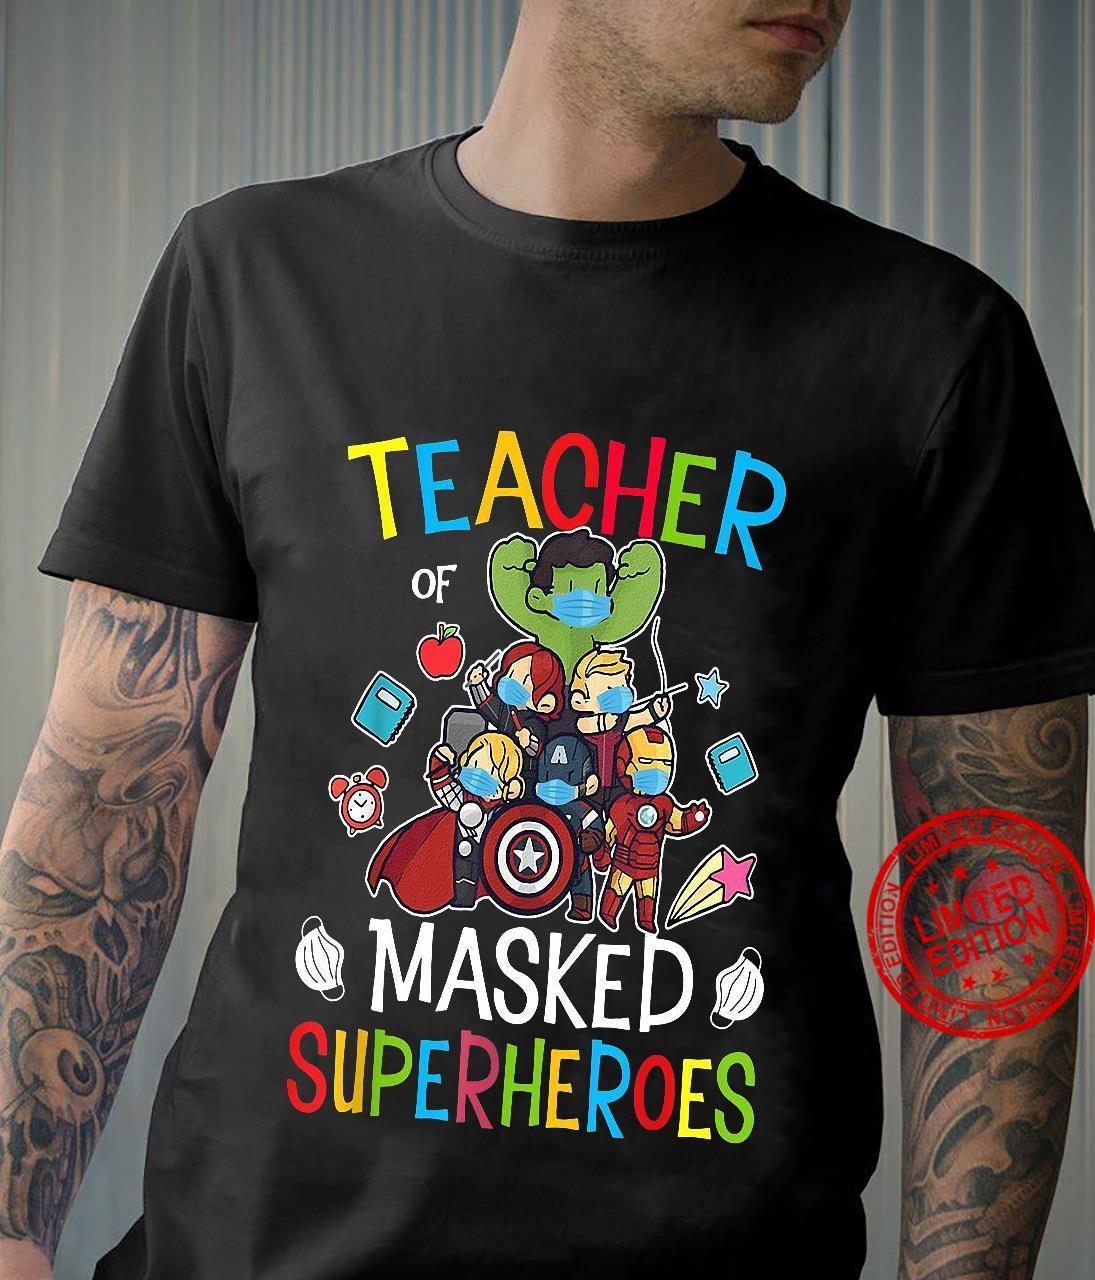 Teacher Masked Superheroes shirt